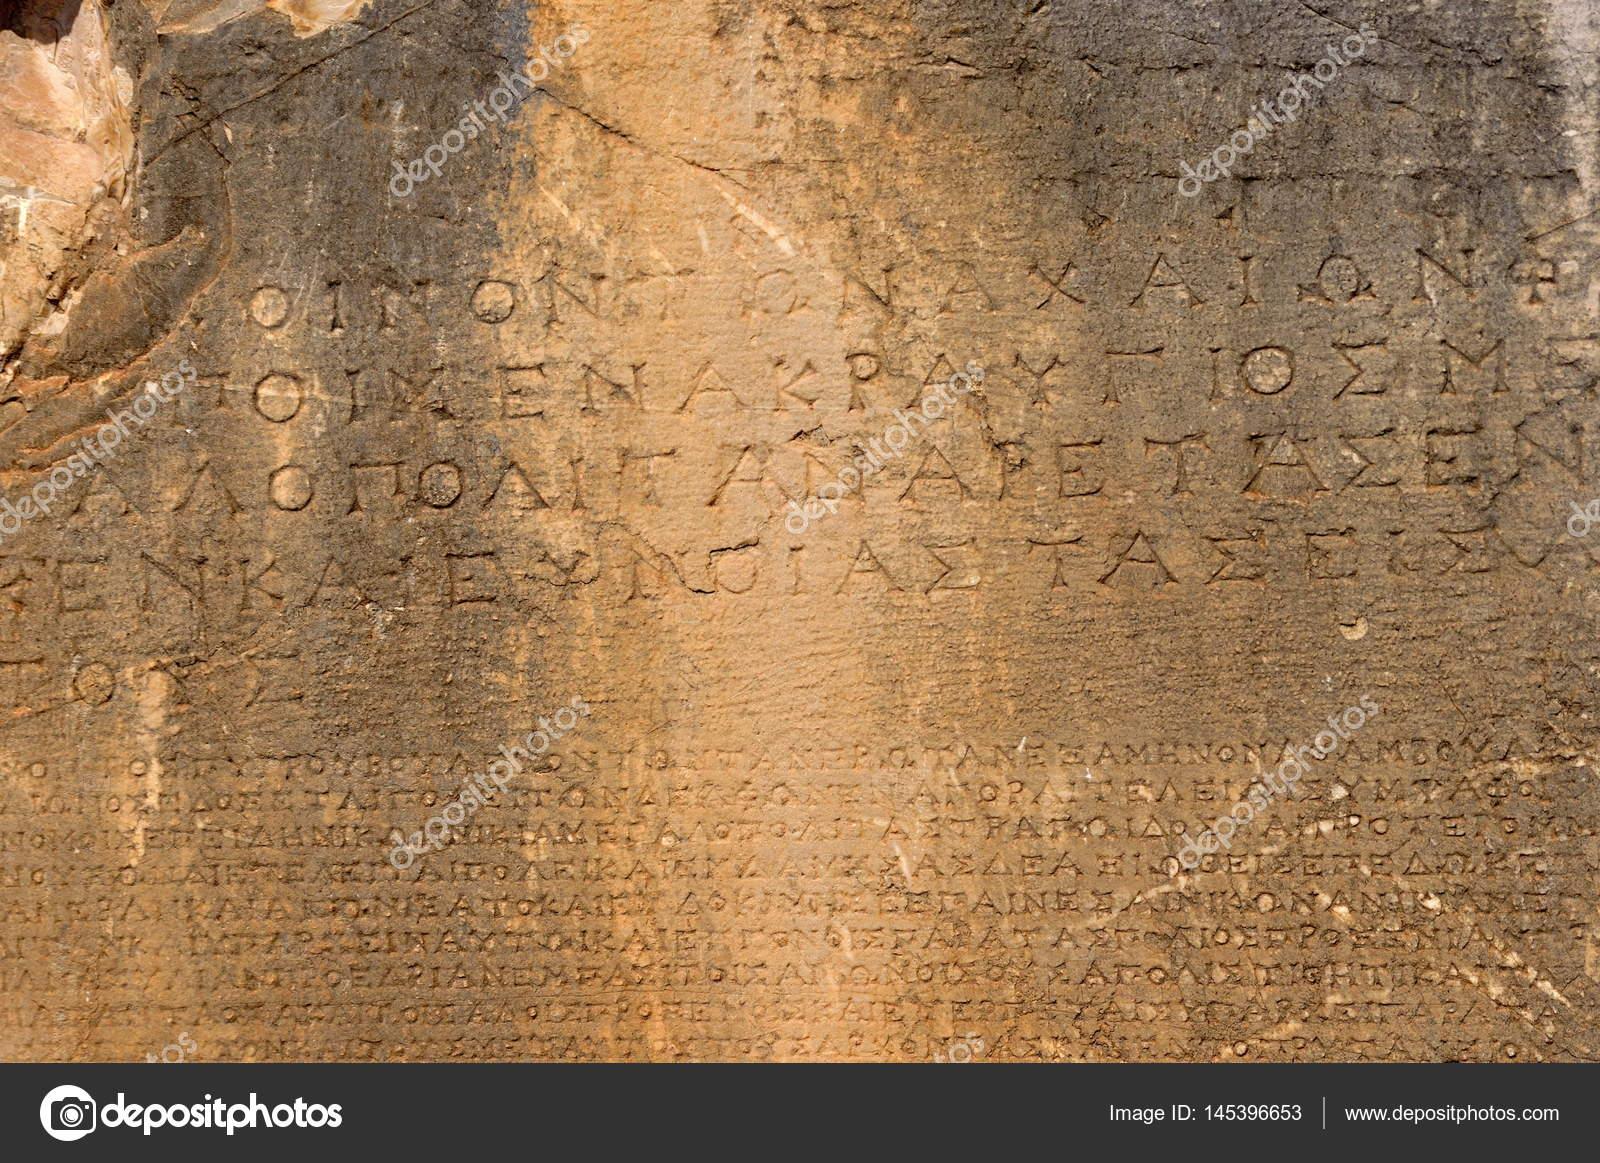 Delphi ruins in greece — Stock Photo © sssanchez #145396653